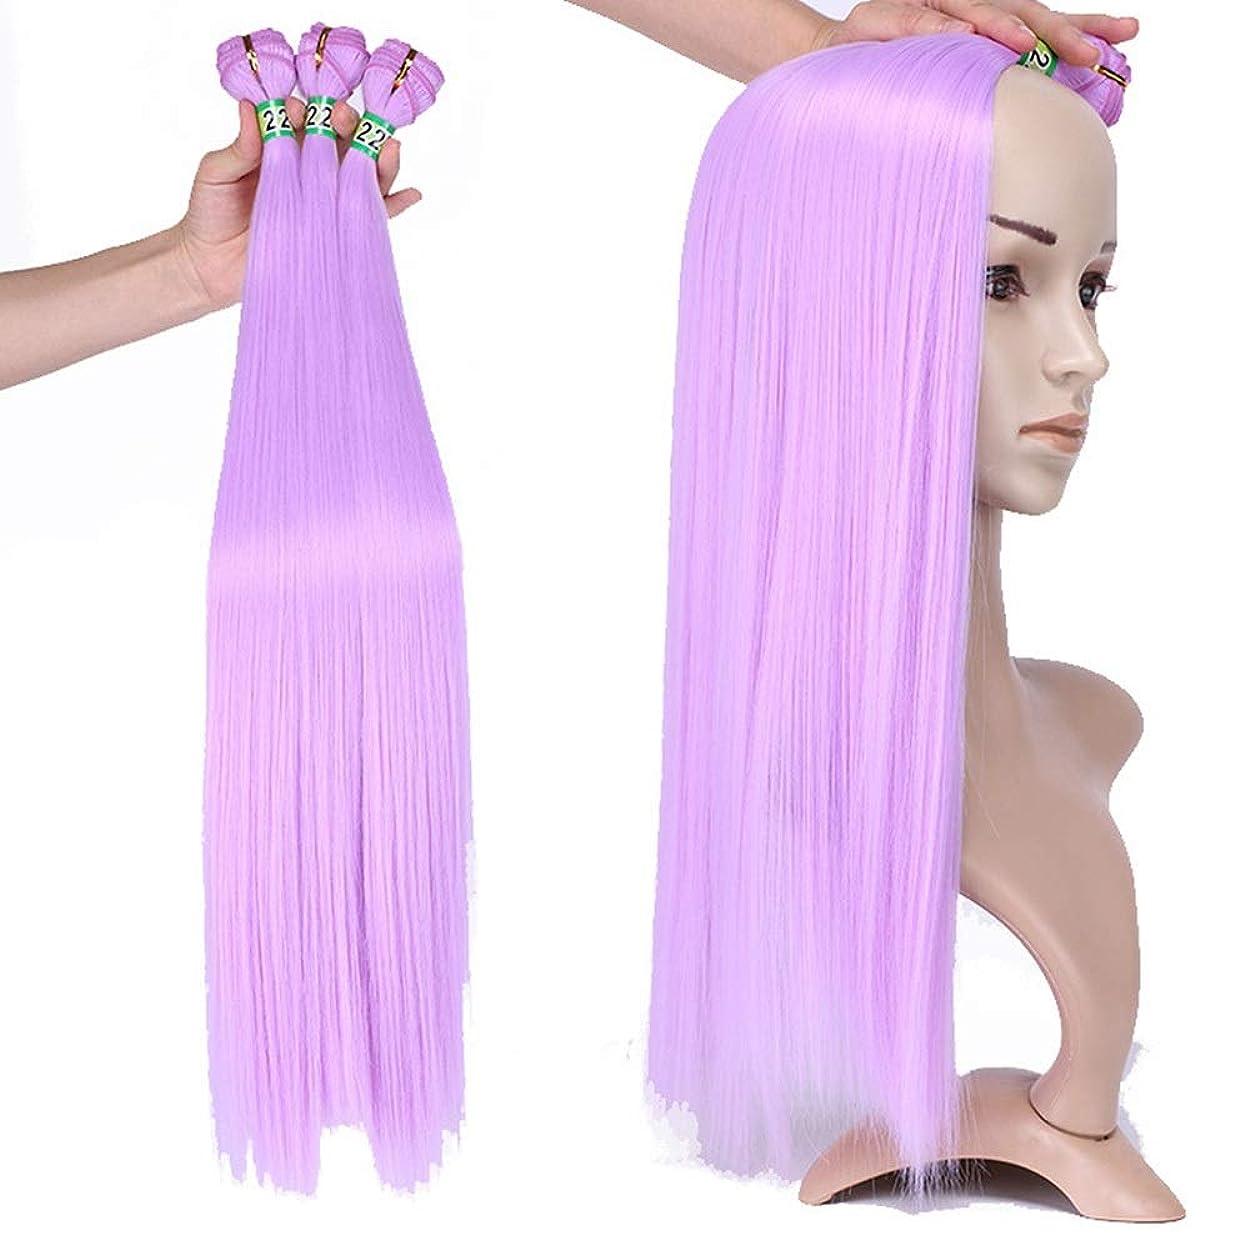 スラックインシュレータワーカーBOBIDYEE 3バンドルライトパープルストレート人工毛織りバンドル高温繊維ヘアエクステンション100グラム/バンドル複合ヘアレースかつらロールプレイングかつらロングとショート女性自然 (色 : Light purple, サイズ : 8inch)